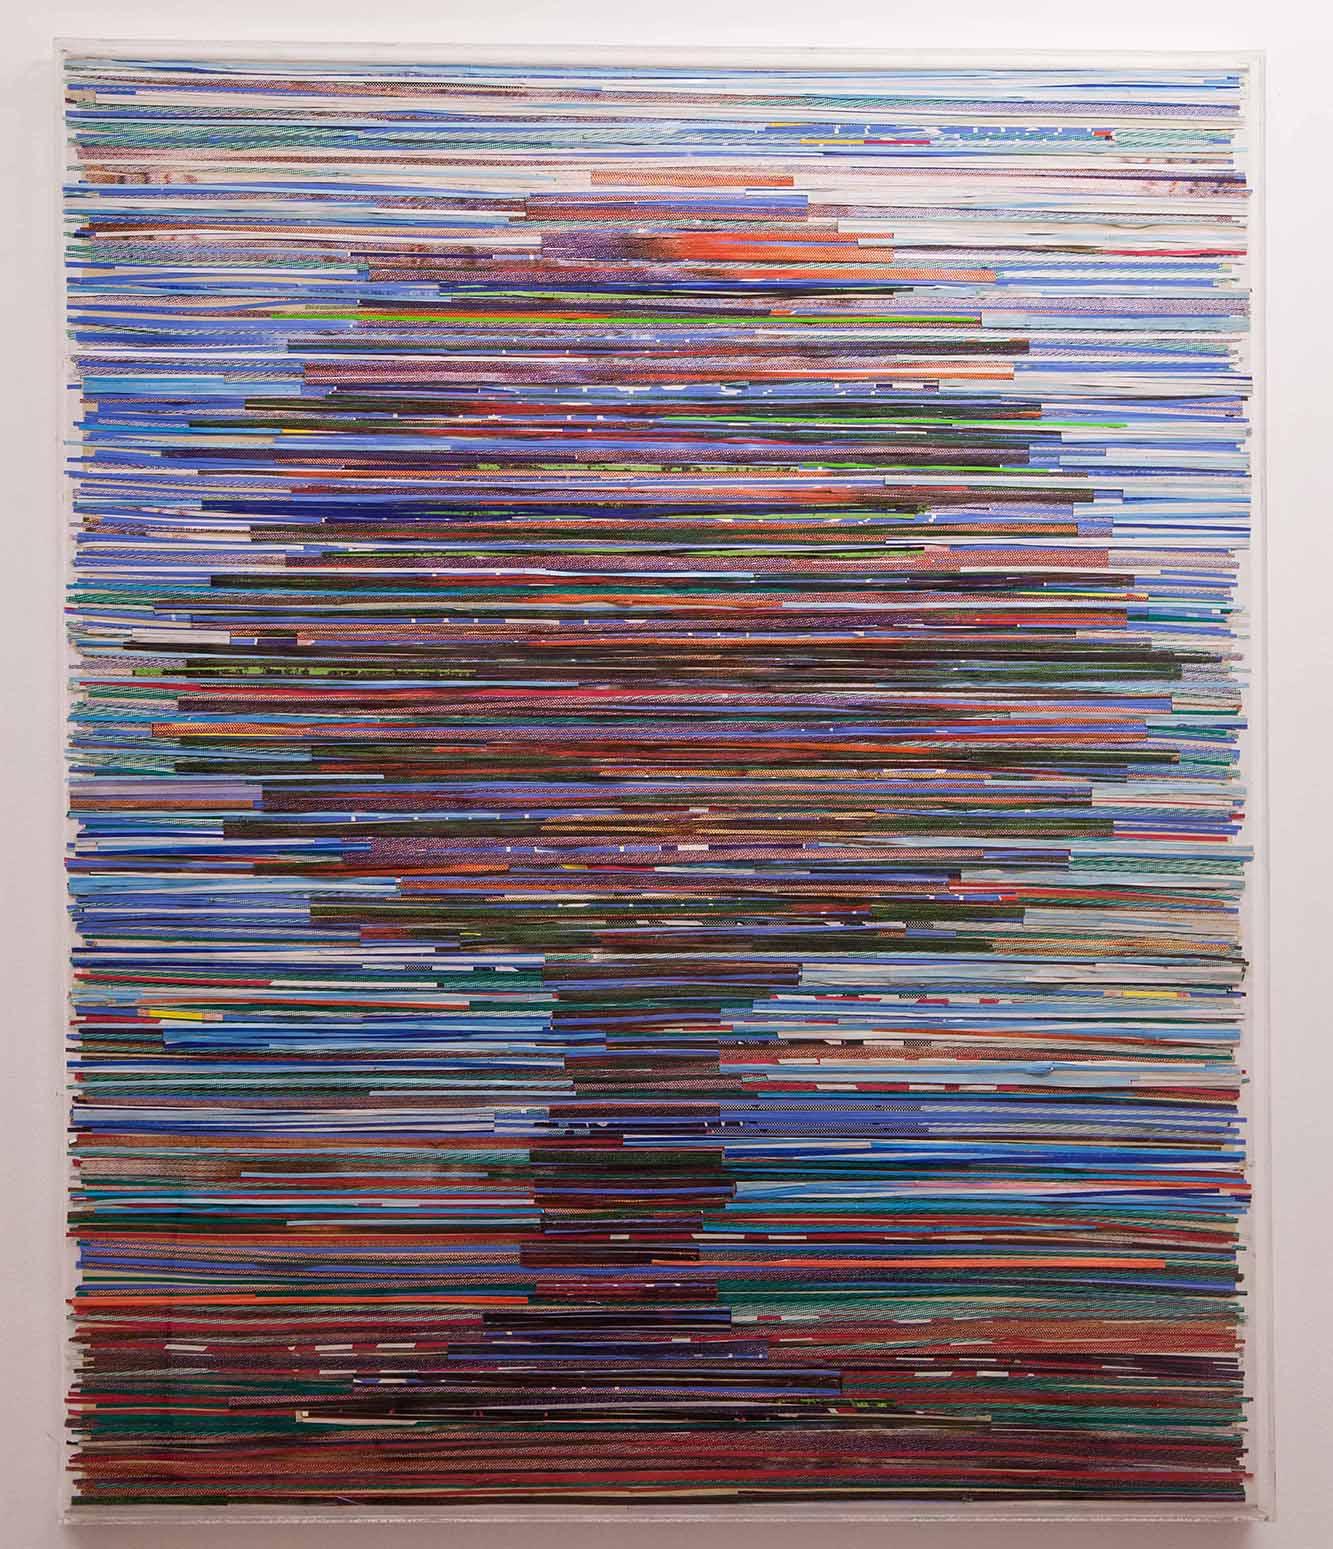 Pavlos, l'Arbre, 1990 Bandes de papiers découpés 100 x 113 x 4 cm